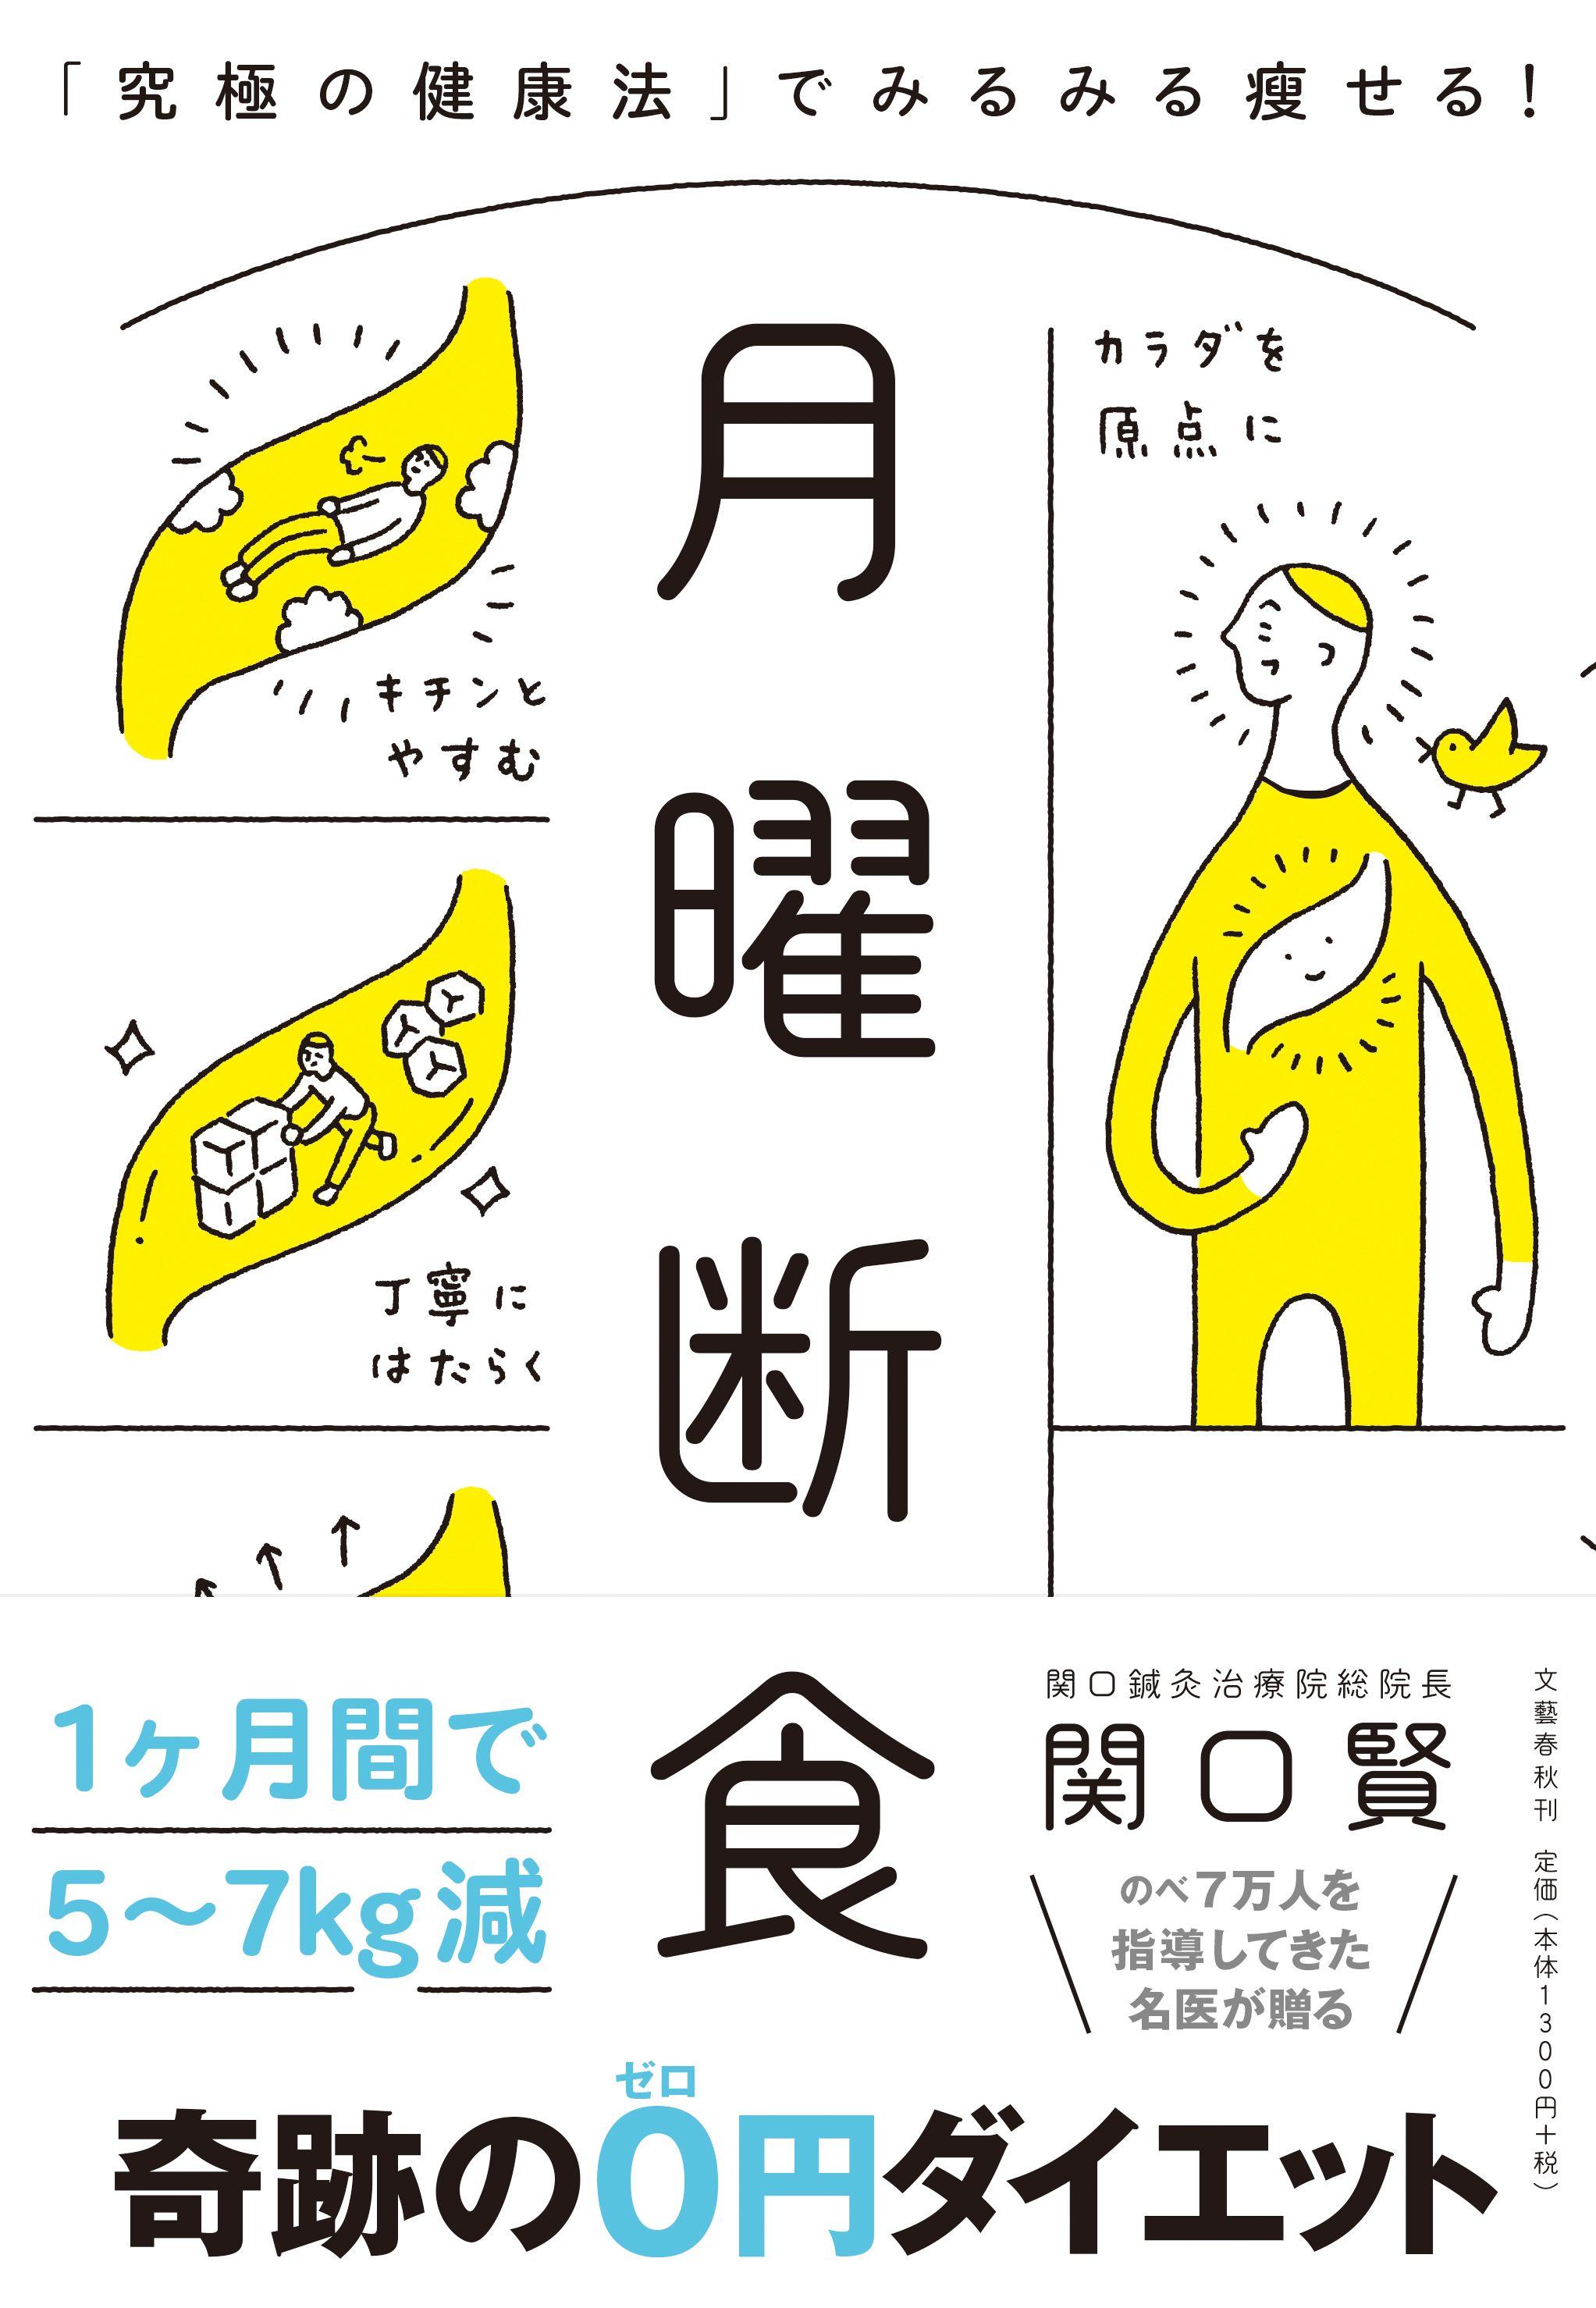 『月曜断食 「究極の健康法」でみるみる痩せる!』(関口 賢 著)